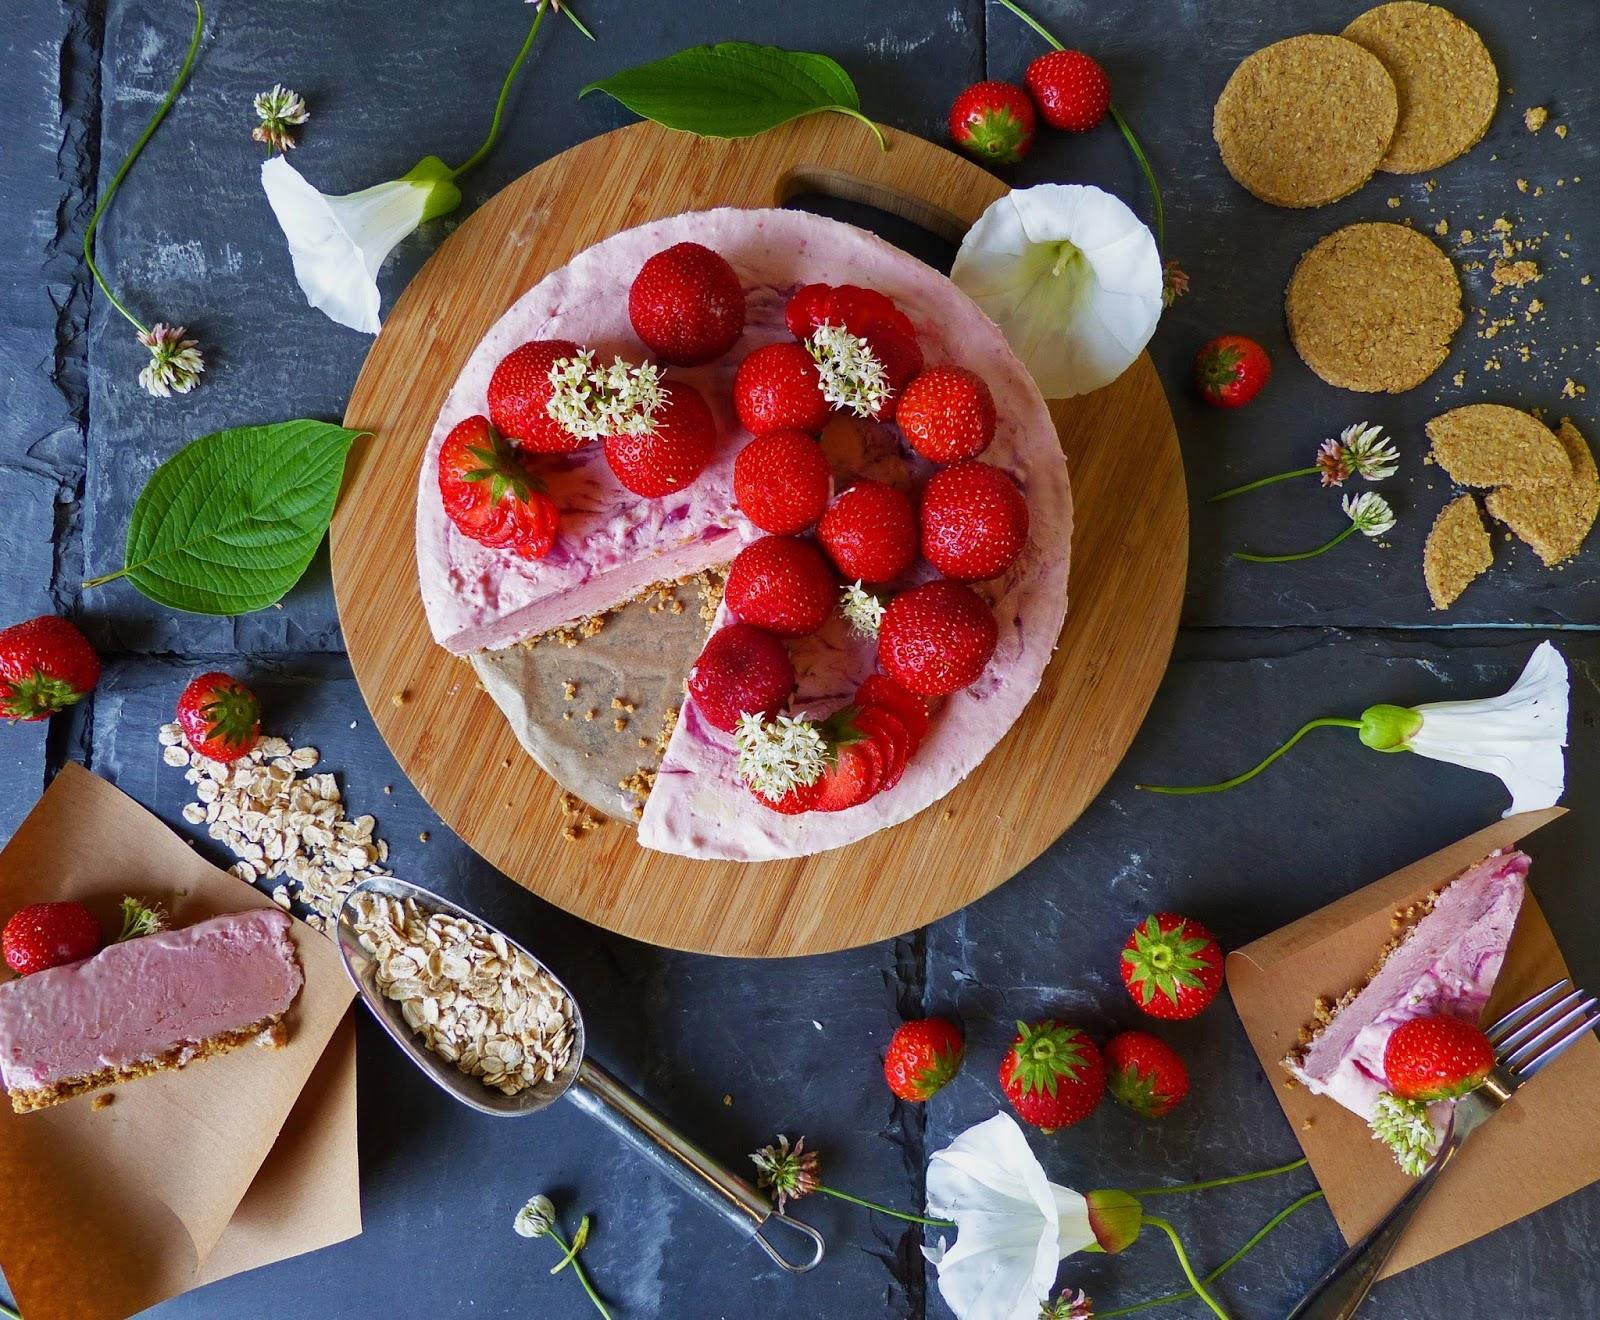 How To Make Oatcake Strawberry Cheesecake